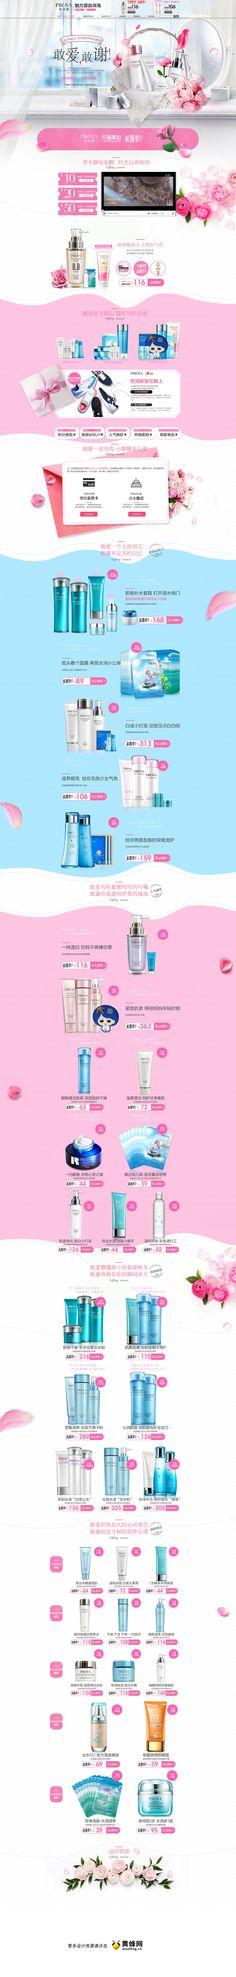 珀莱雅美妆彩妆化妆品感恩节天猫首页活动专题页面设计 更多设计资源尽在黄蜂网http://woofeng.cn/